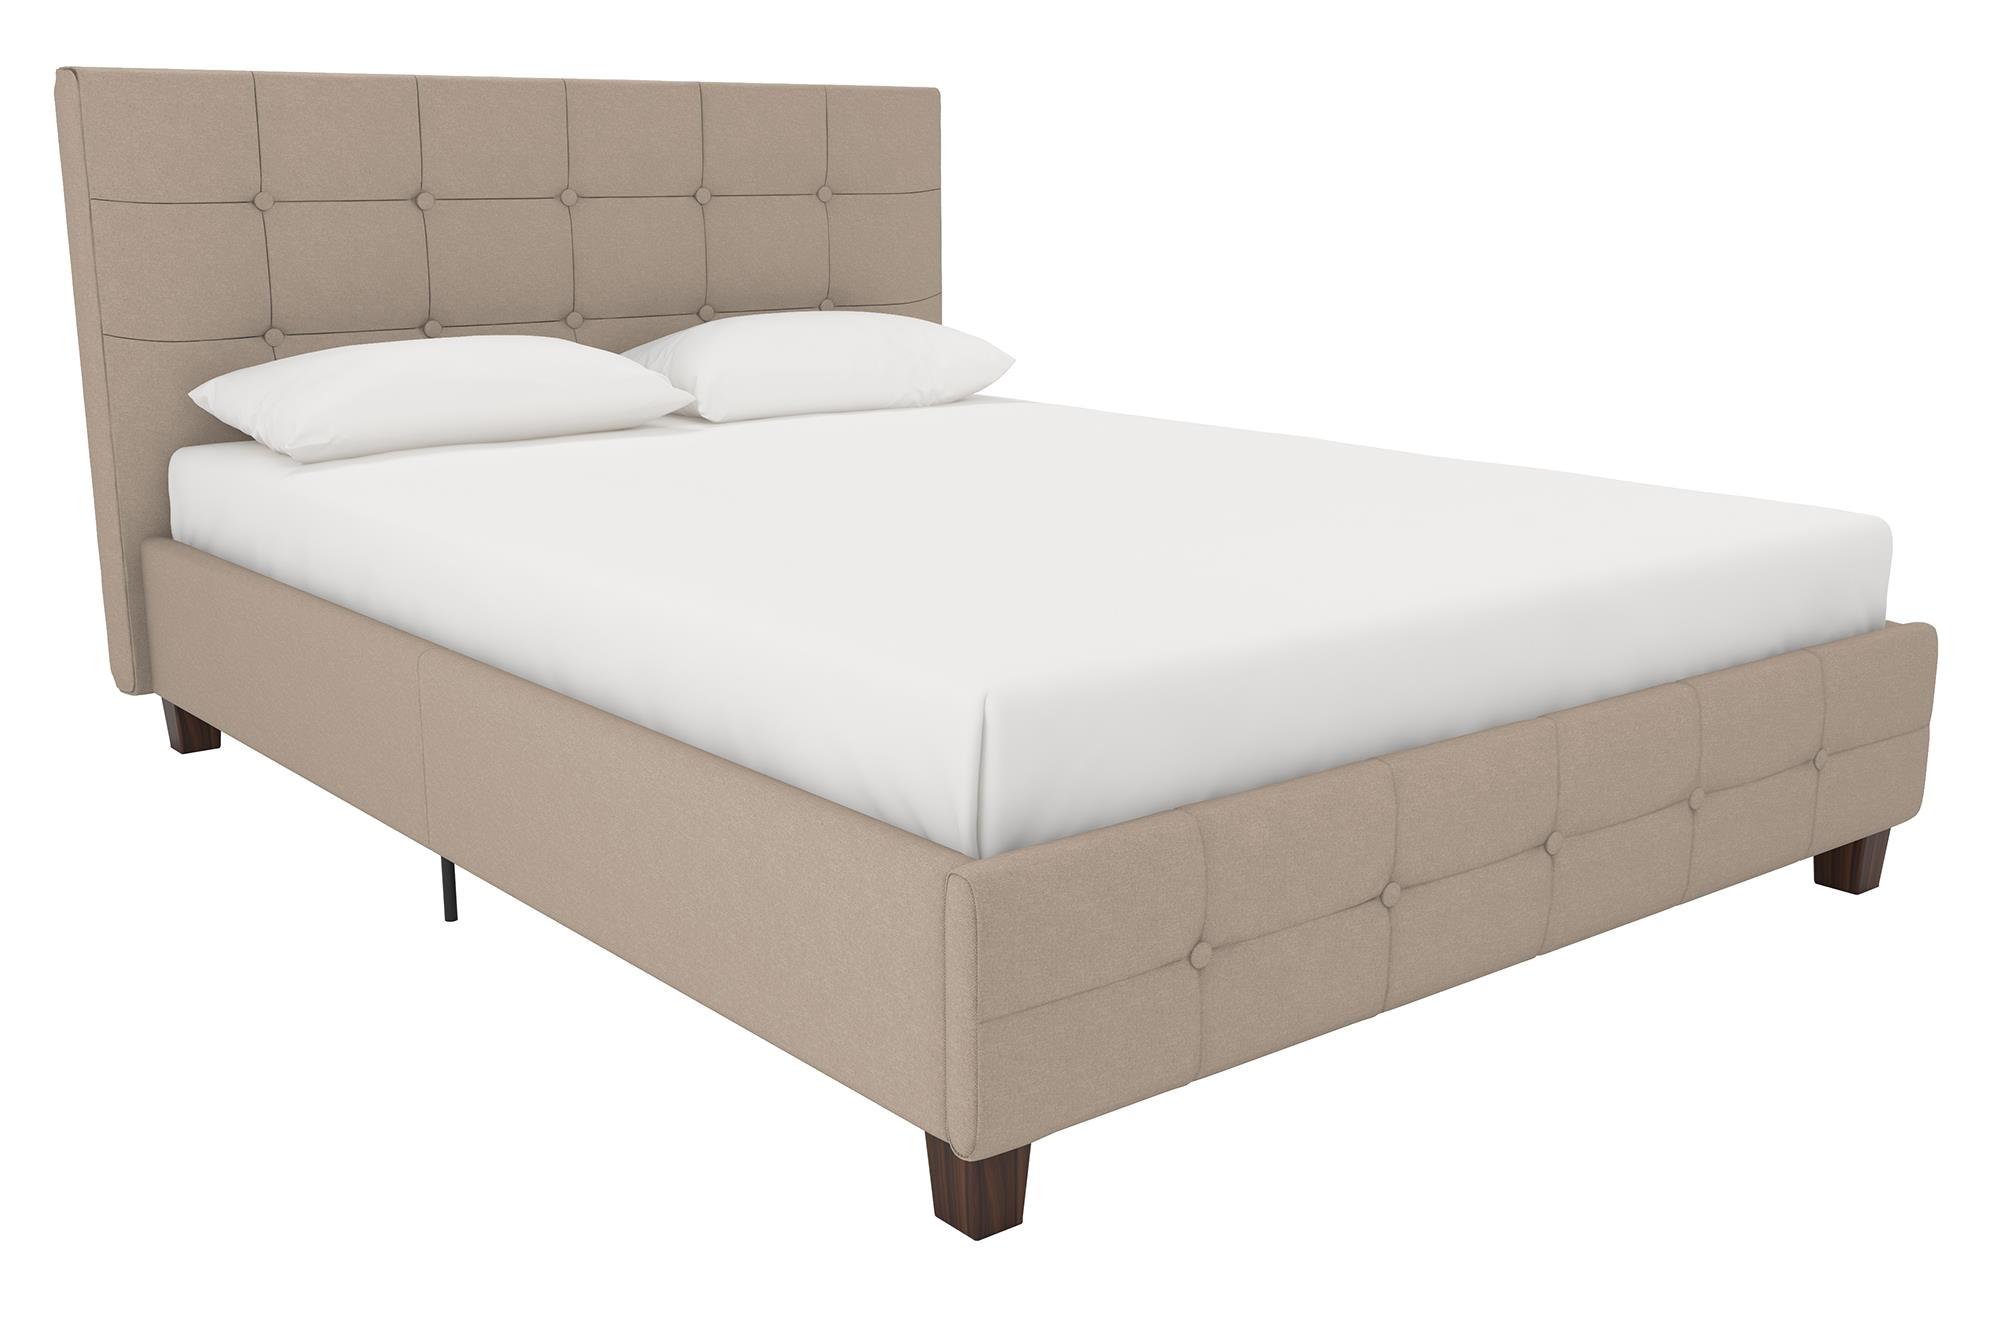 3753 4028309 rose upholstered bed